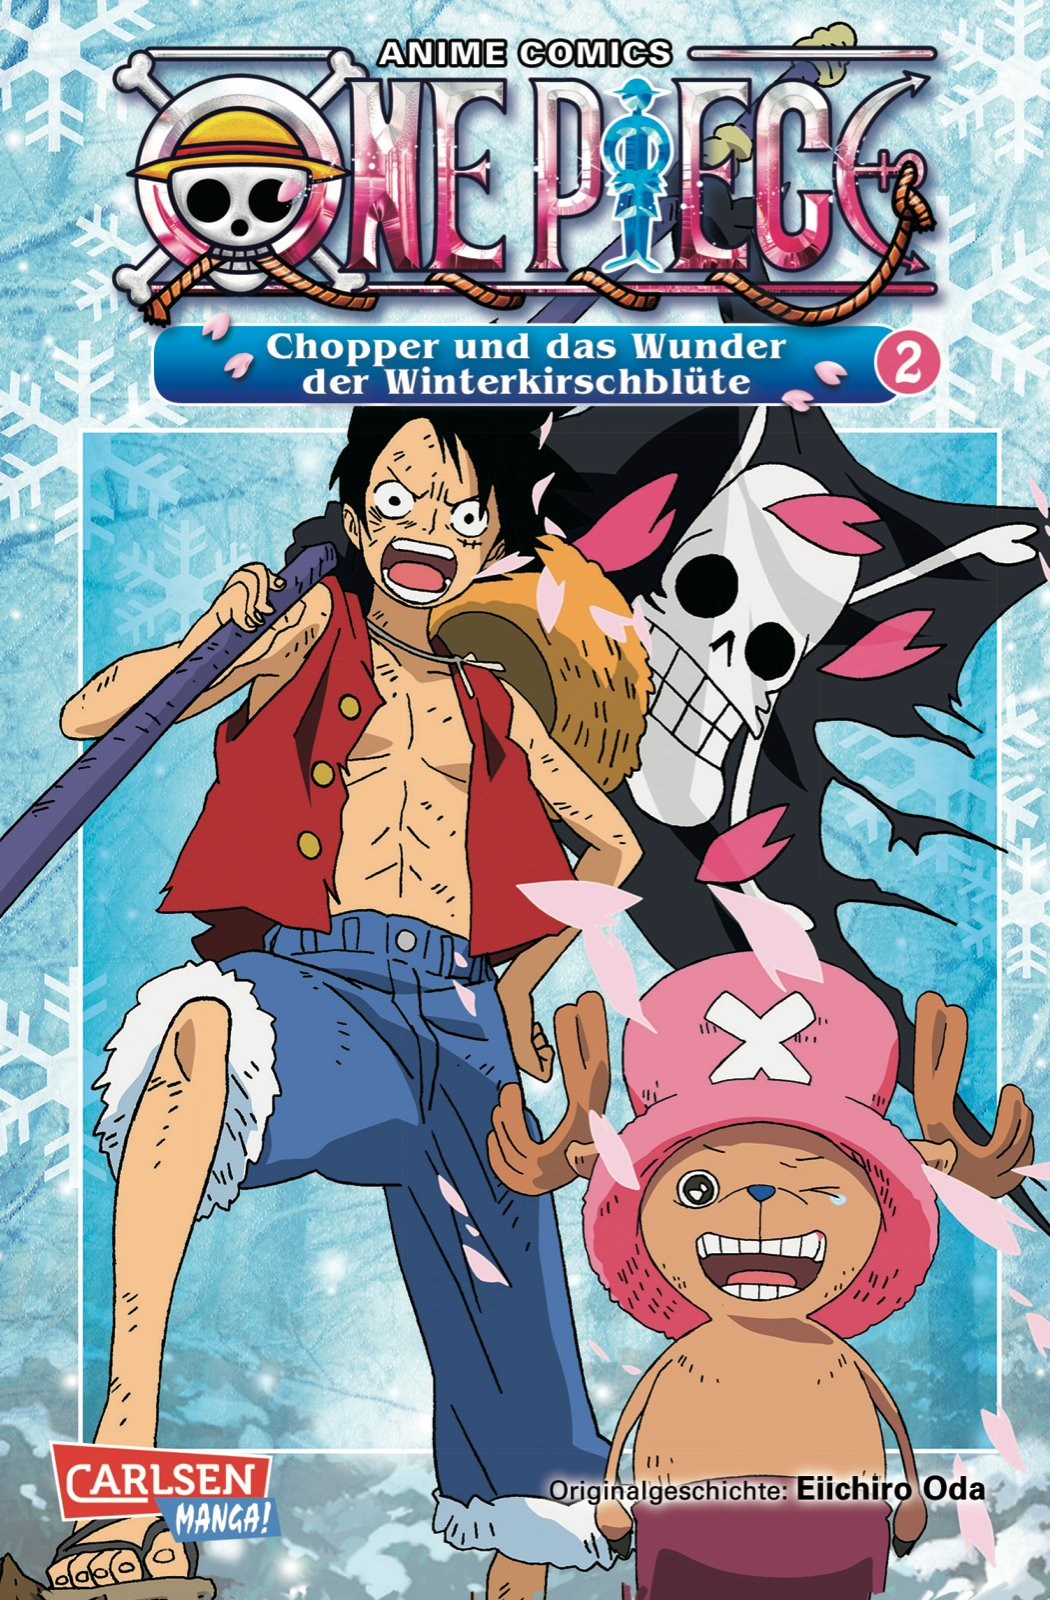 One Piece - Chopper und das Wunder der Winterkirschblüte, Band 2